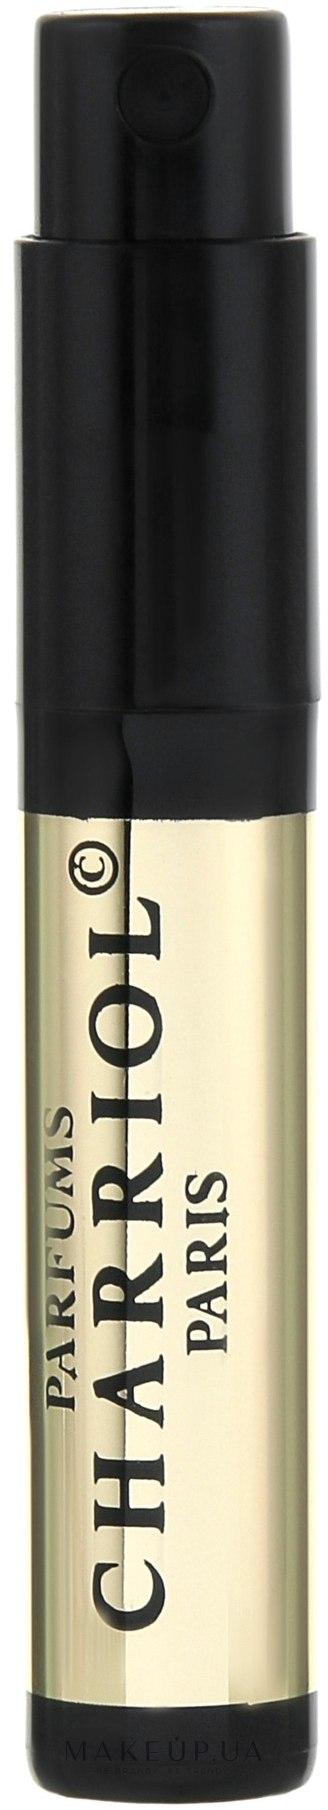 Makeup Charriol Royal Gold Eau De Parfum Pour Homme